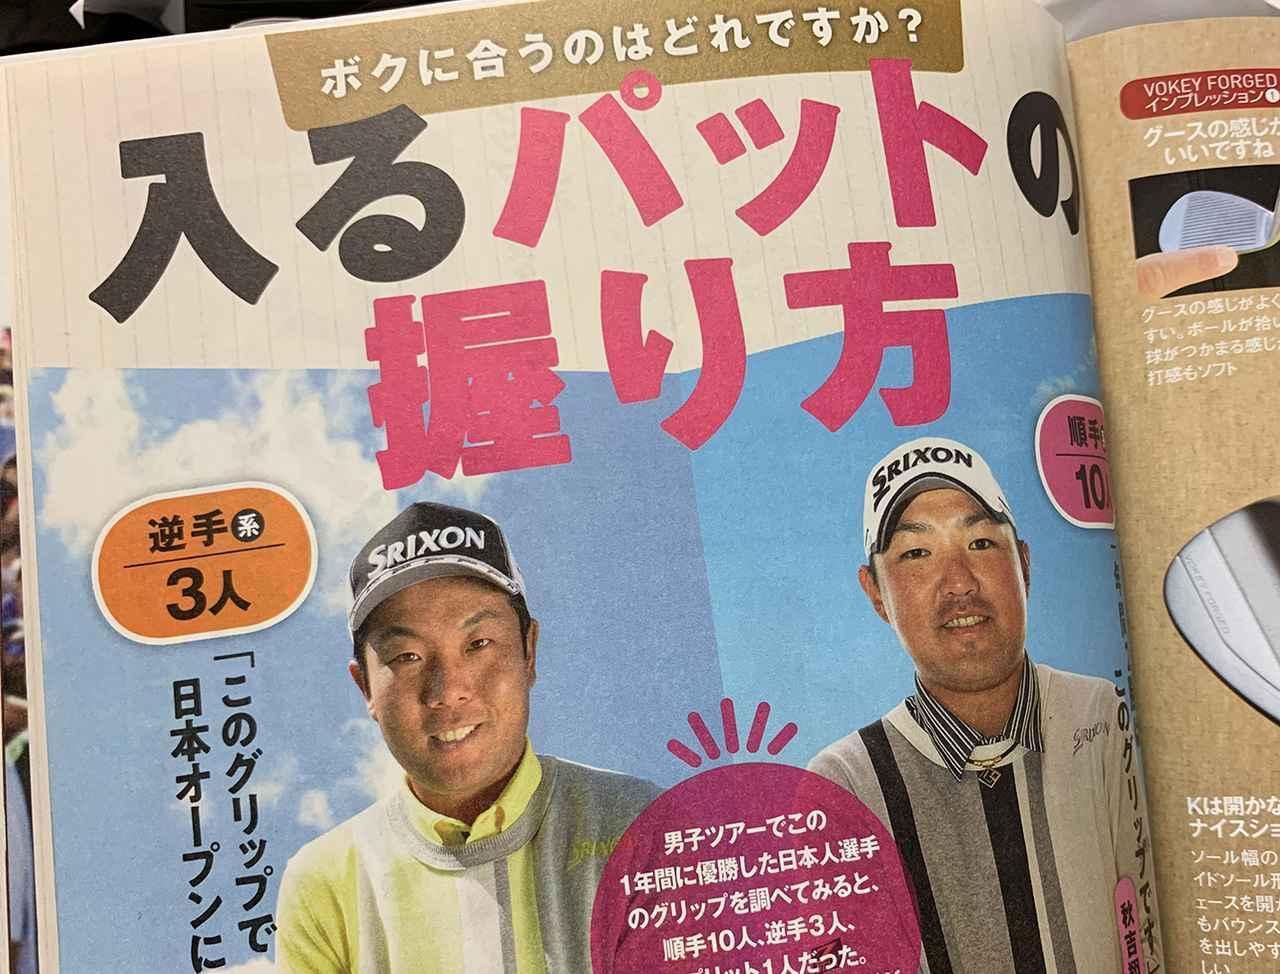 画像: 「入るパットの握り方」は本当に入る? ゴルフ大好きイラストレーターが雑誌のレッスンやってみた - みんなのゴルフダイジェスト